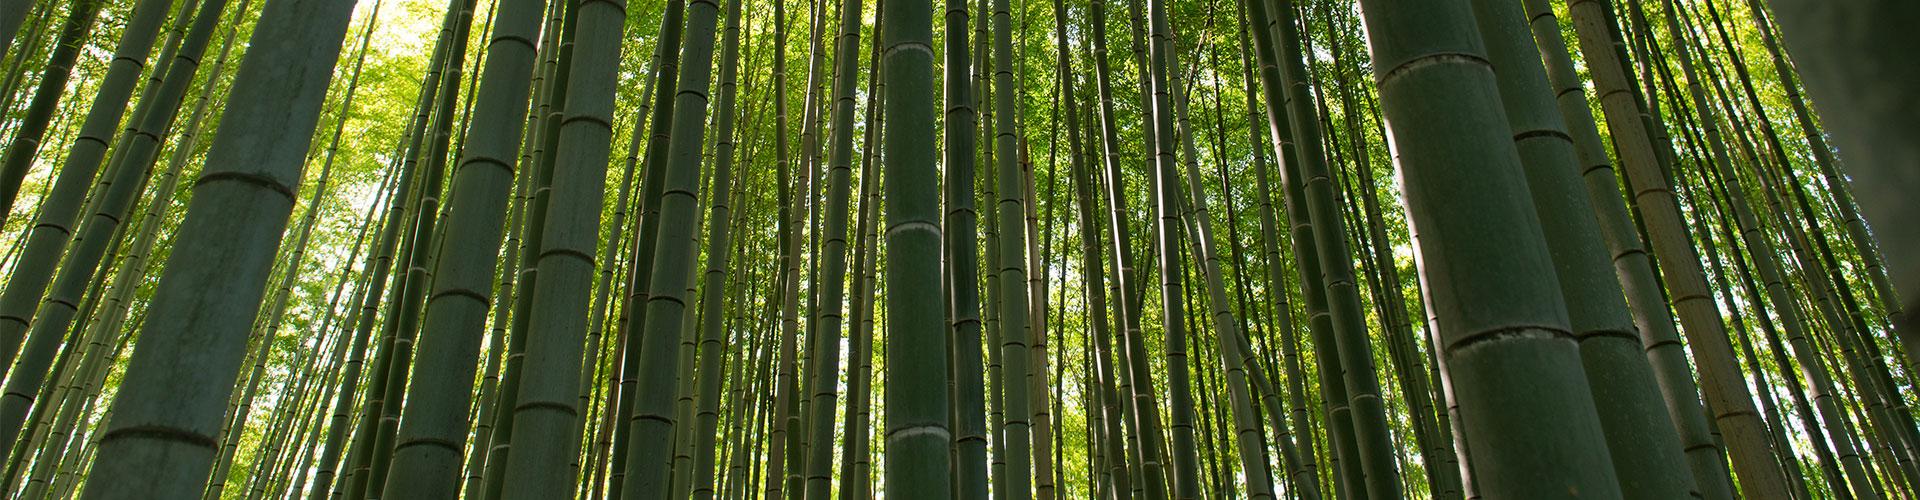 sankara Masajes y Tratamientos en Andorra bambus